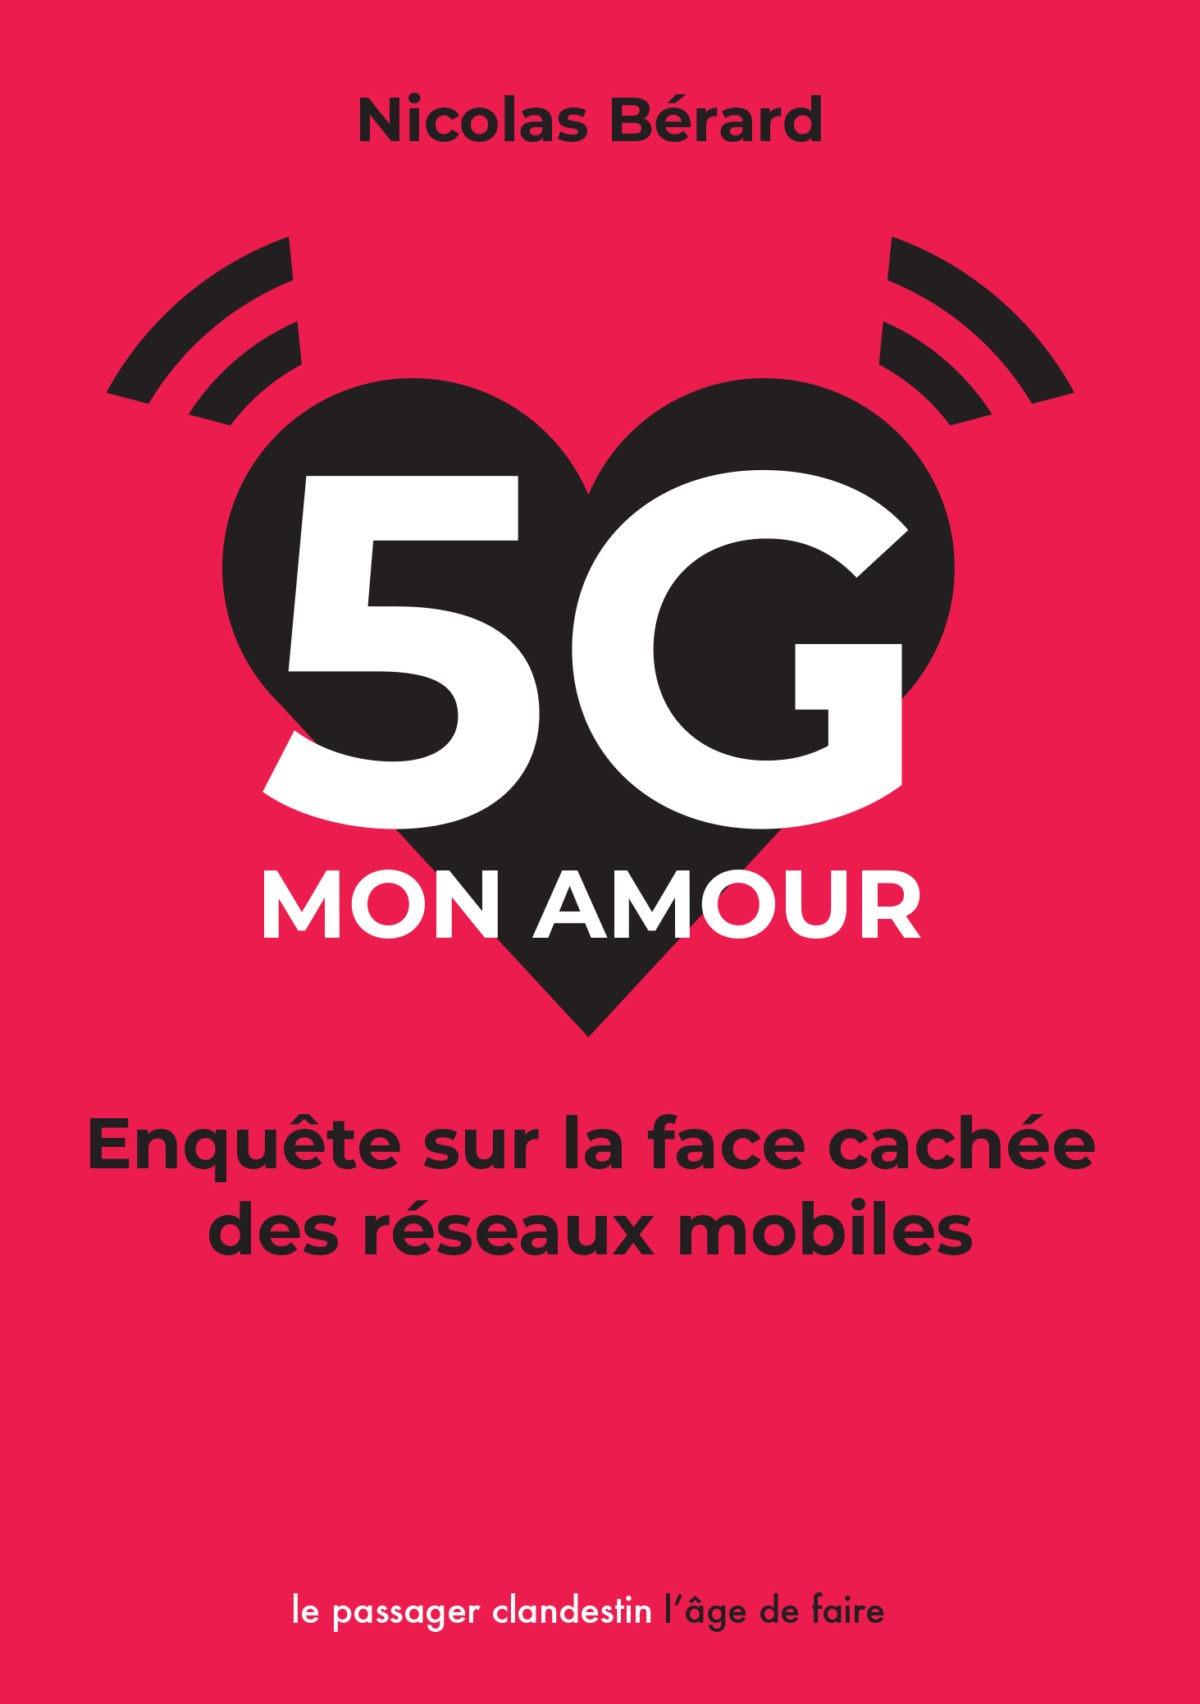 5g mon amour - Enquête sur la face cachée des réseaux mobiles.